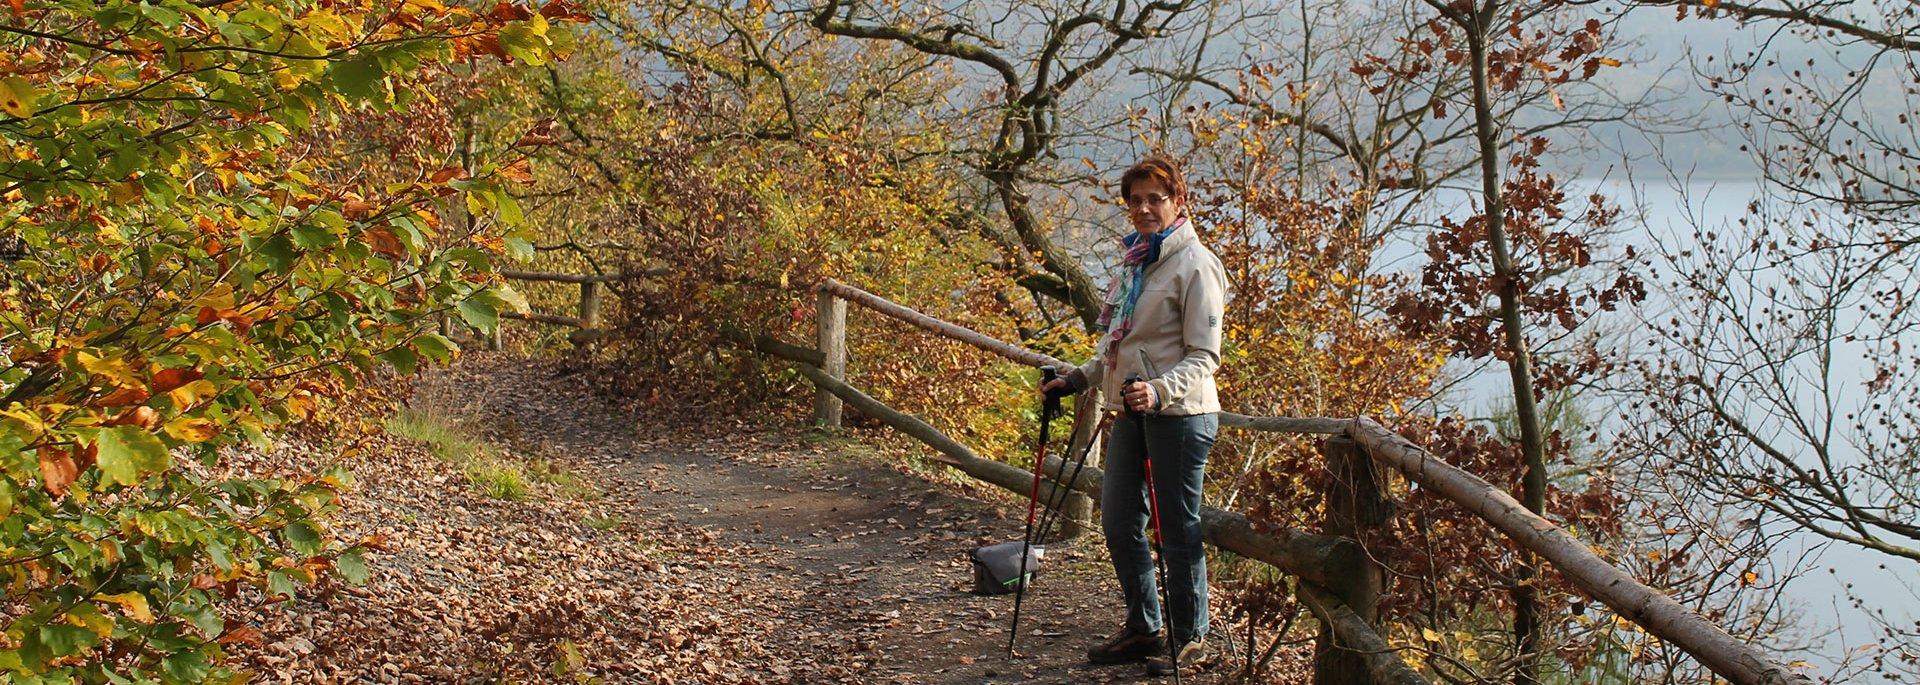 Wandern im Herbst am Edersee